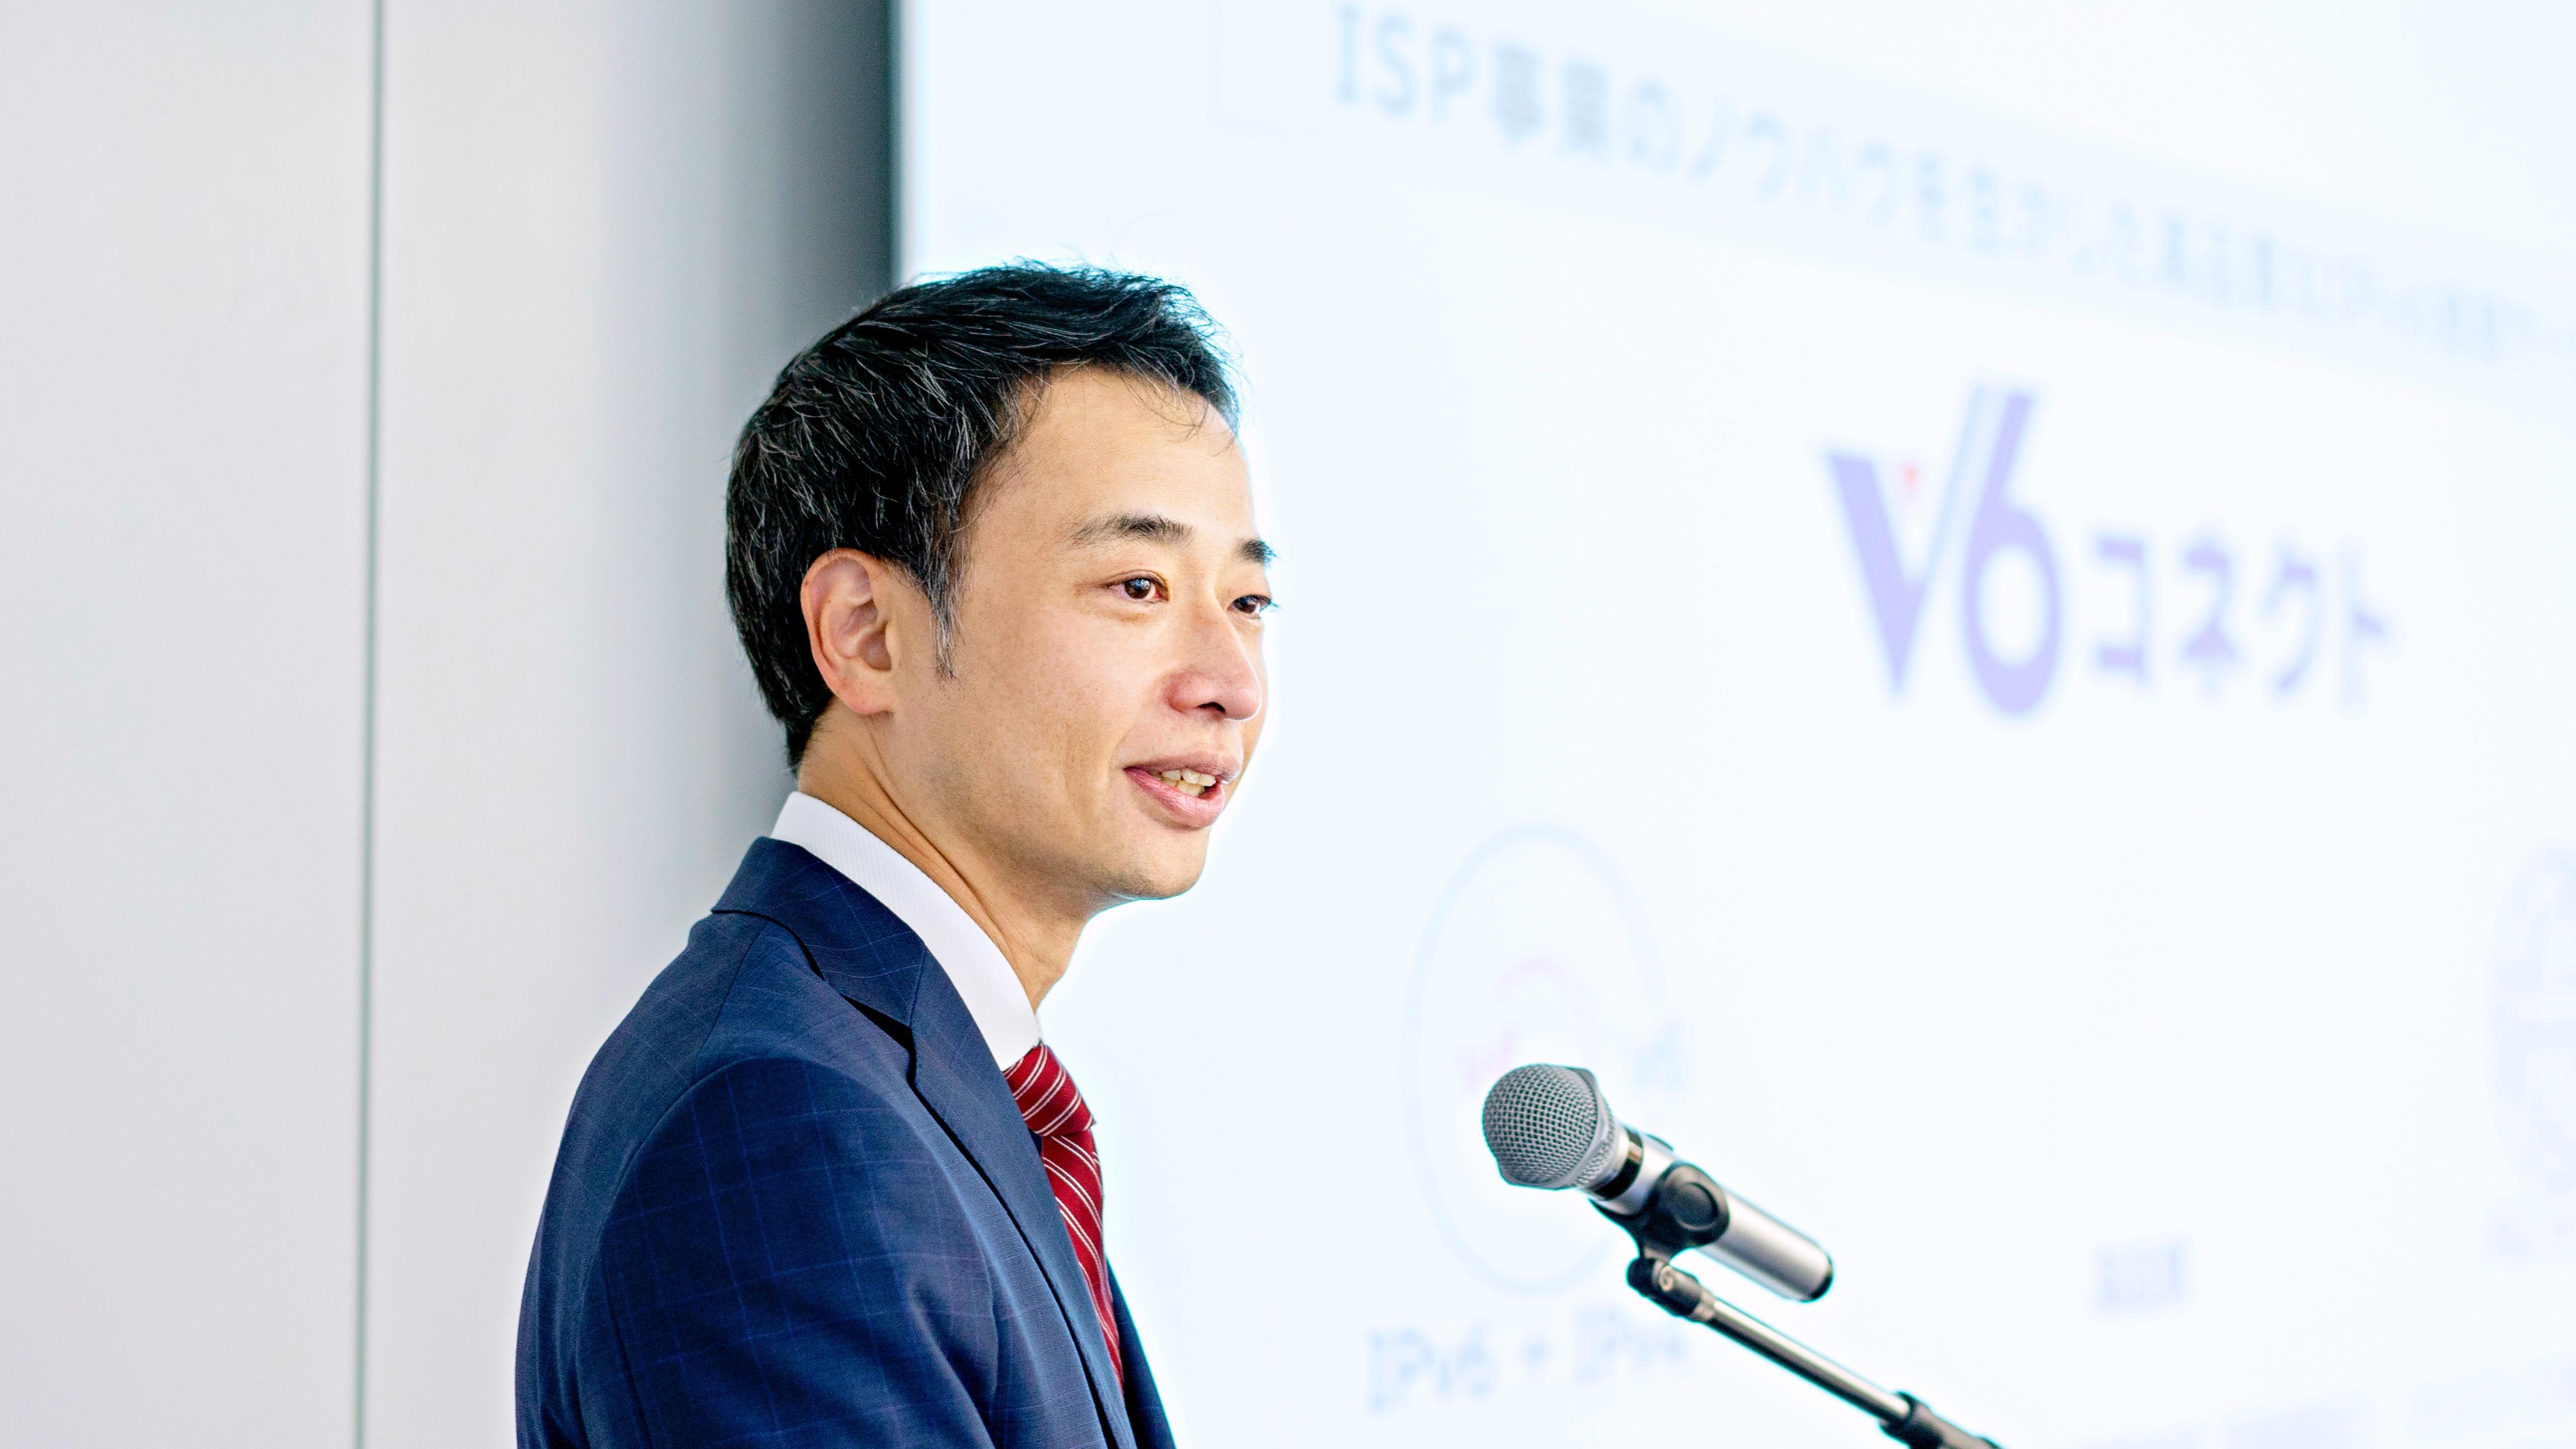 朝日ネット、上期売上高は過去最高を記録し8年連続の増収 VNE事業で「v6 コネクト」が貢献